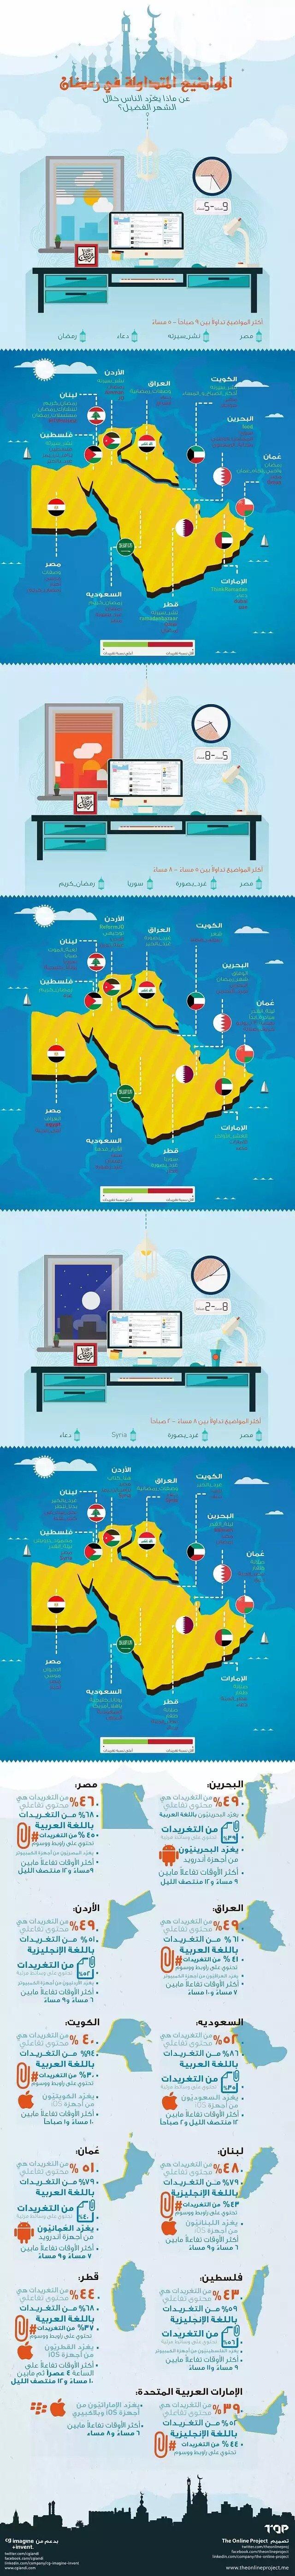 #انفوجرافيك الاعلام الاجتماعي في #رمضان ٢٠١٤ #تويتر